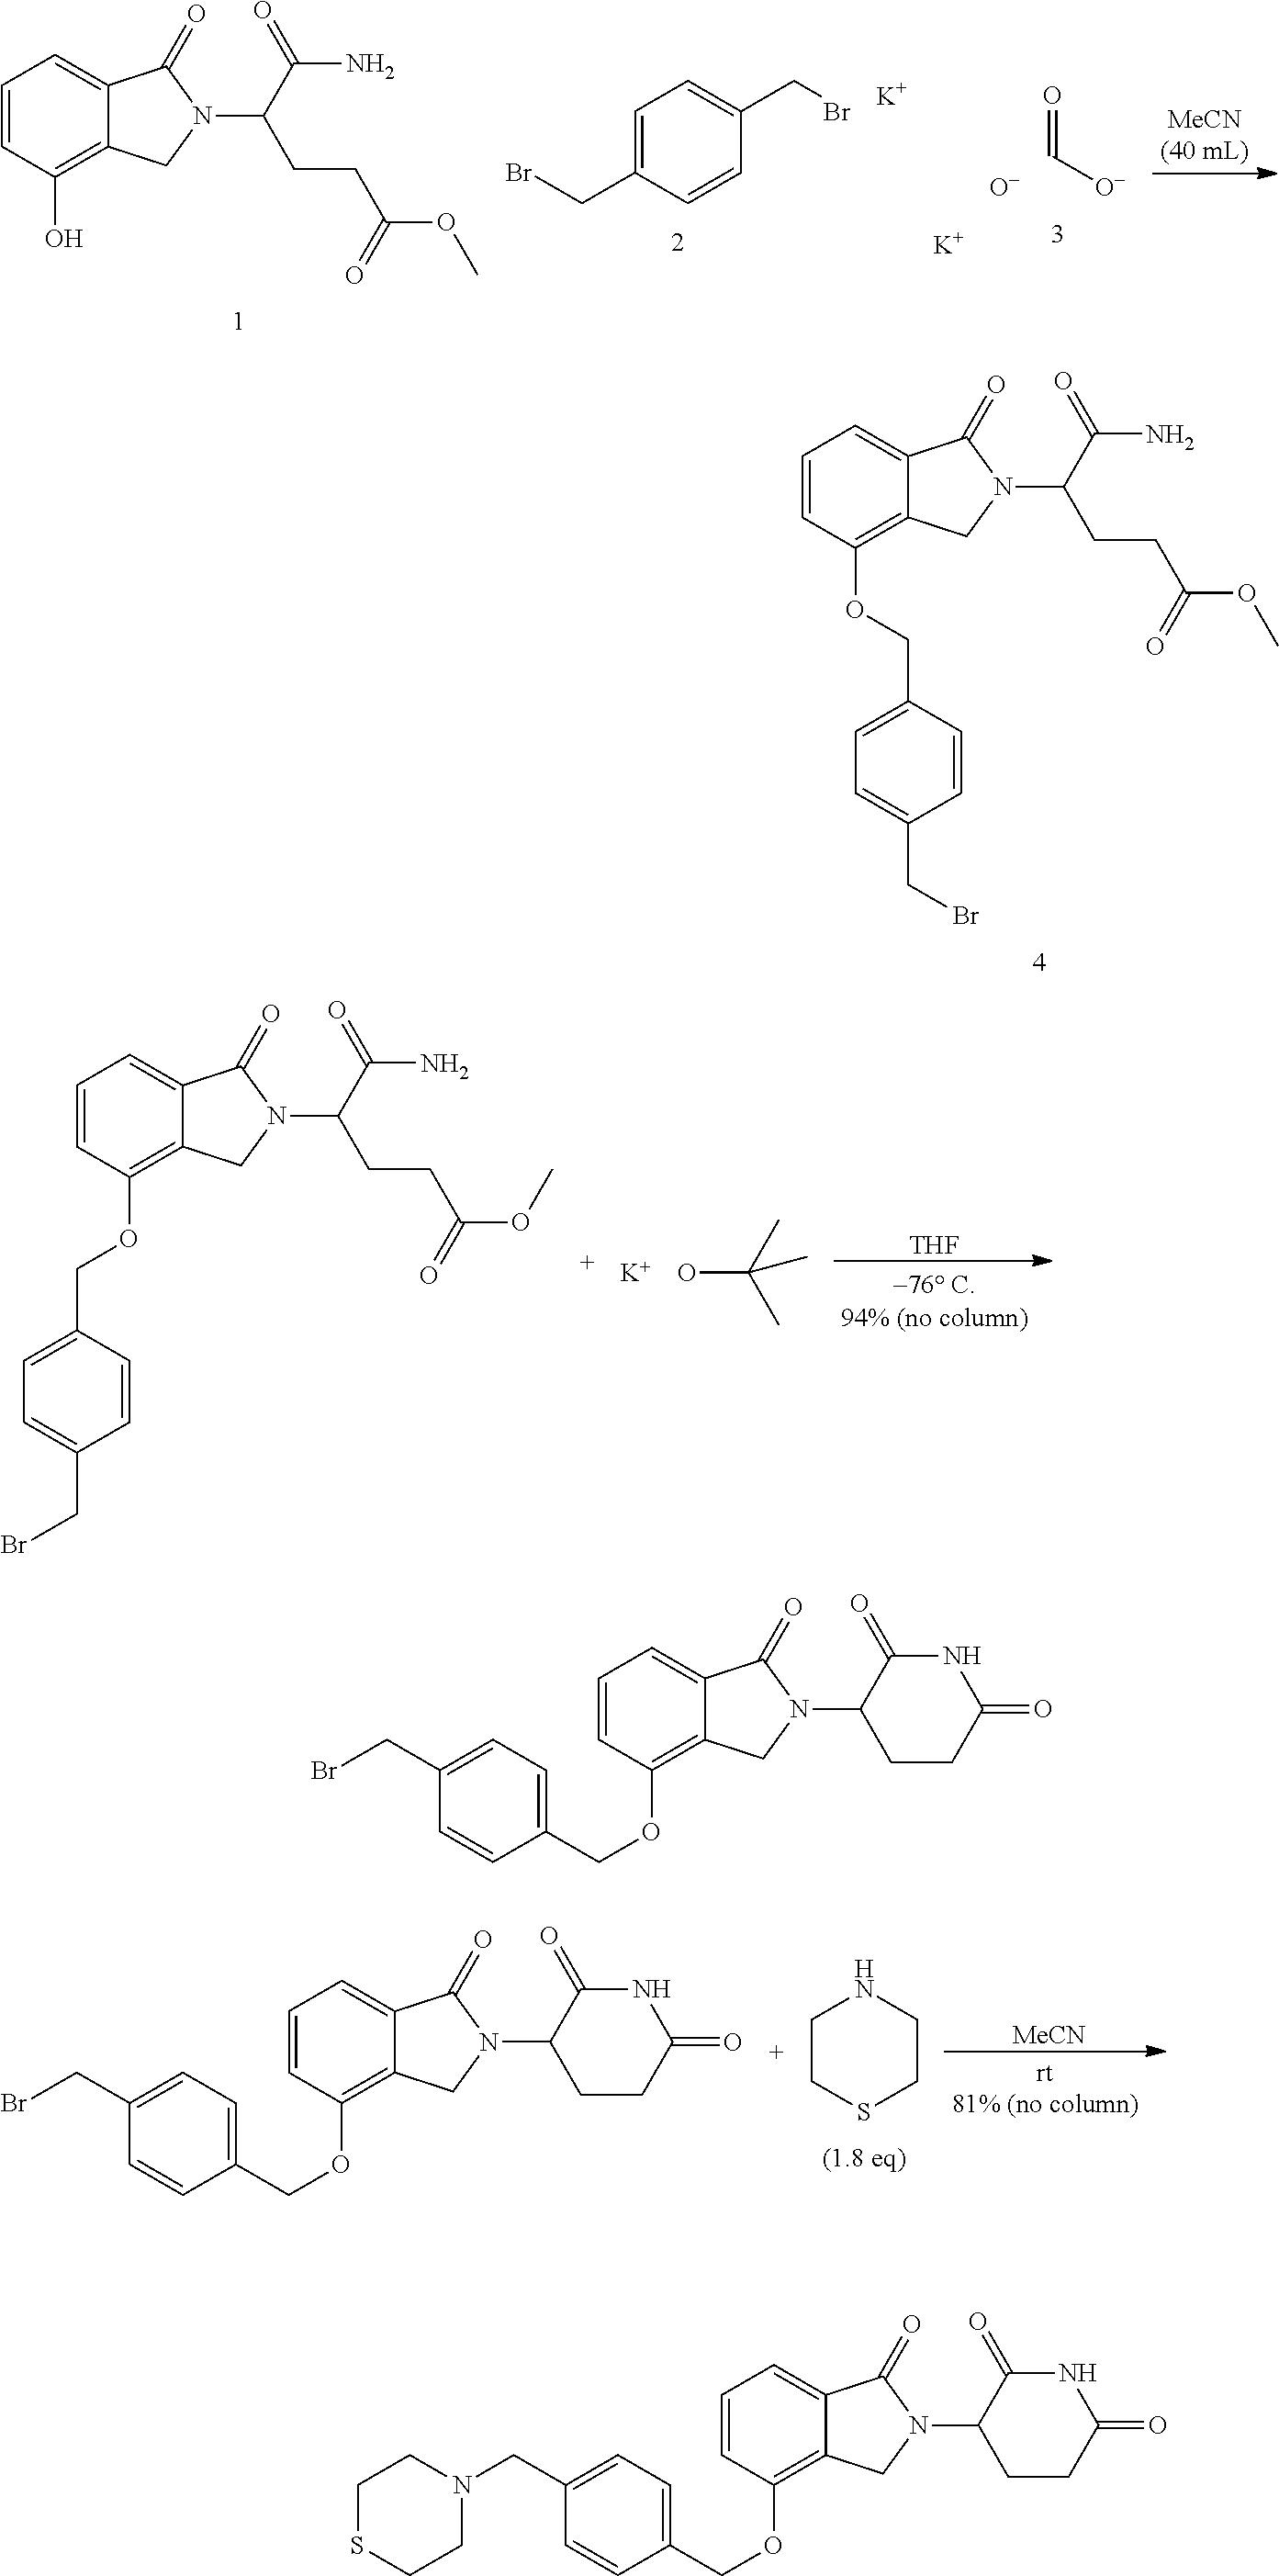 Figure US09822094-20171121-C00098